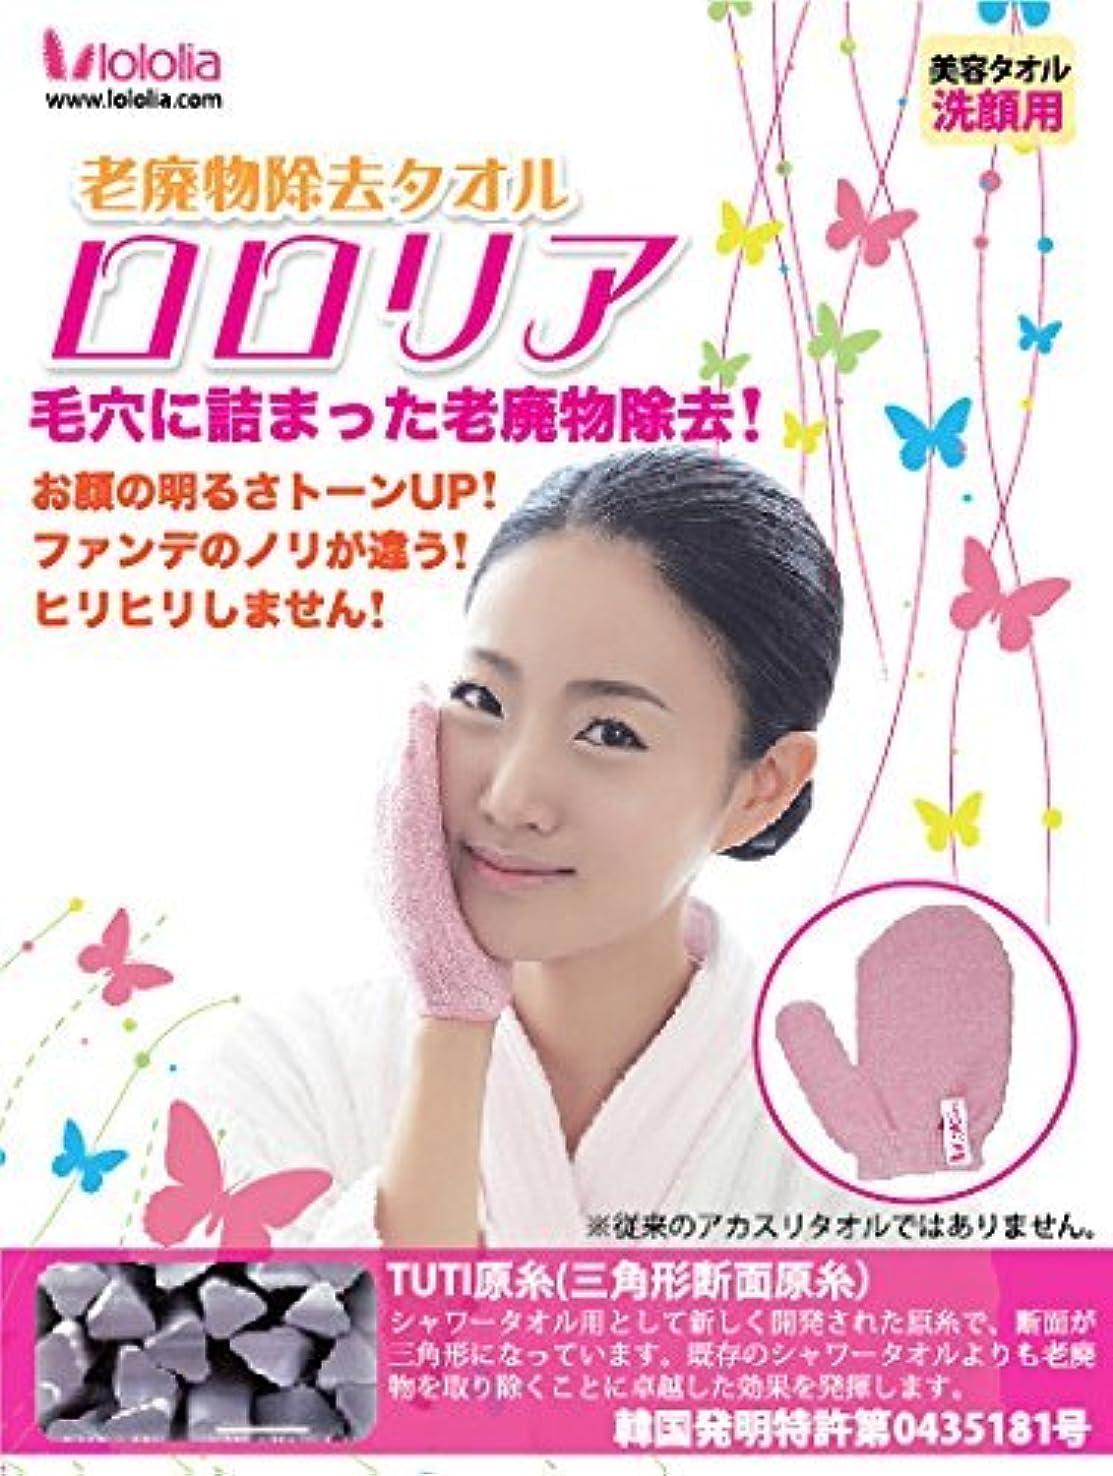 バージンルーム弱まる洗顔タオル‐ヒリヒリしない!韓国特許 洗顔アカスリタオル <2枚>